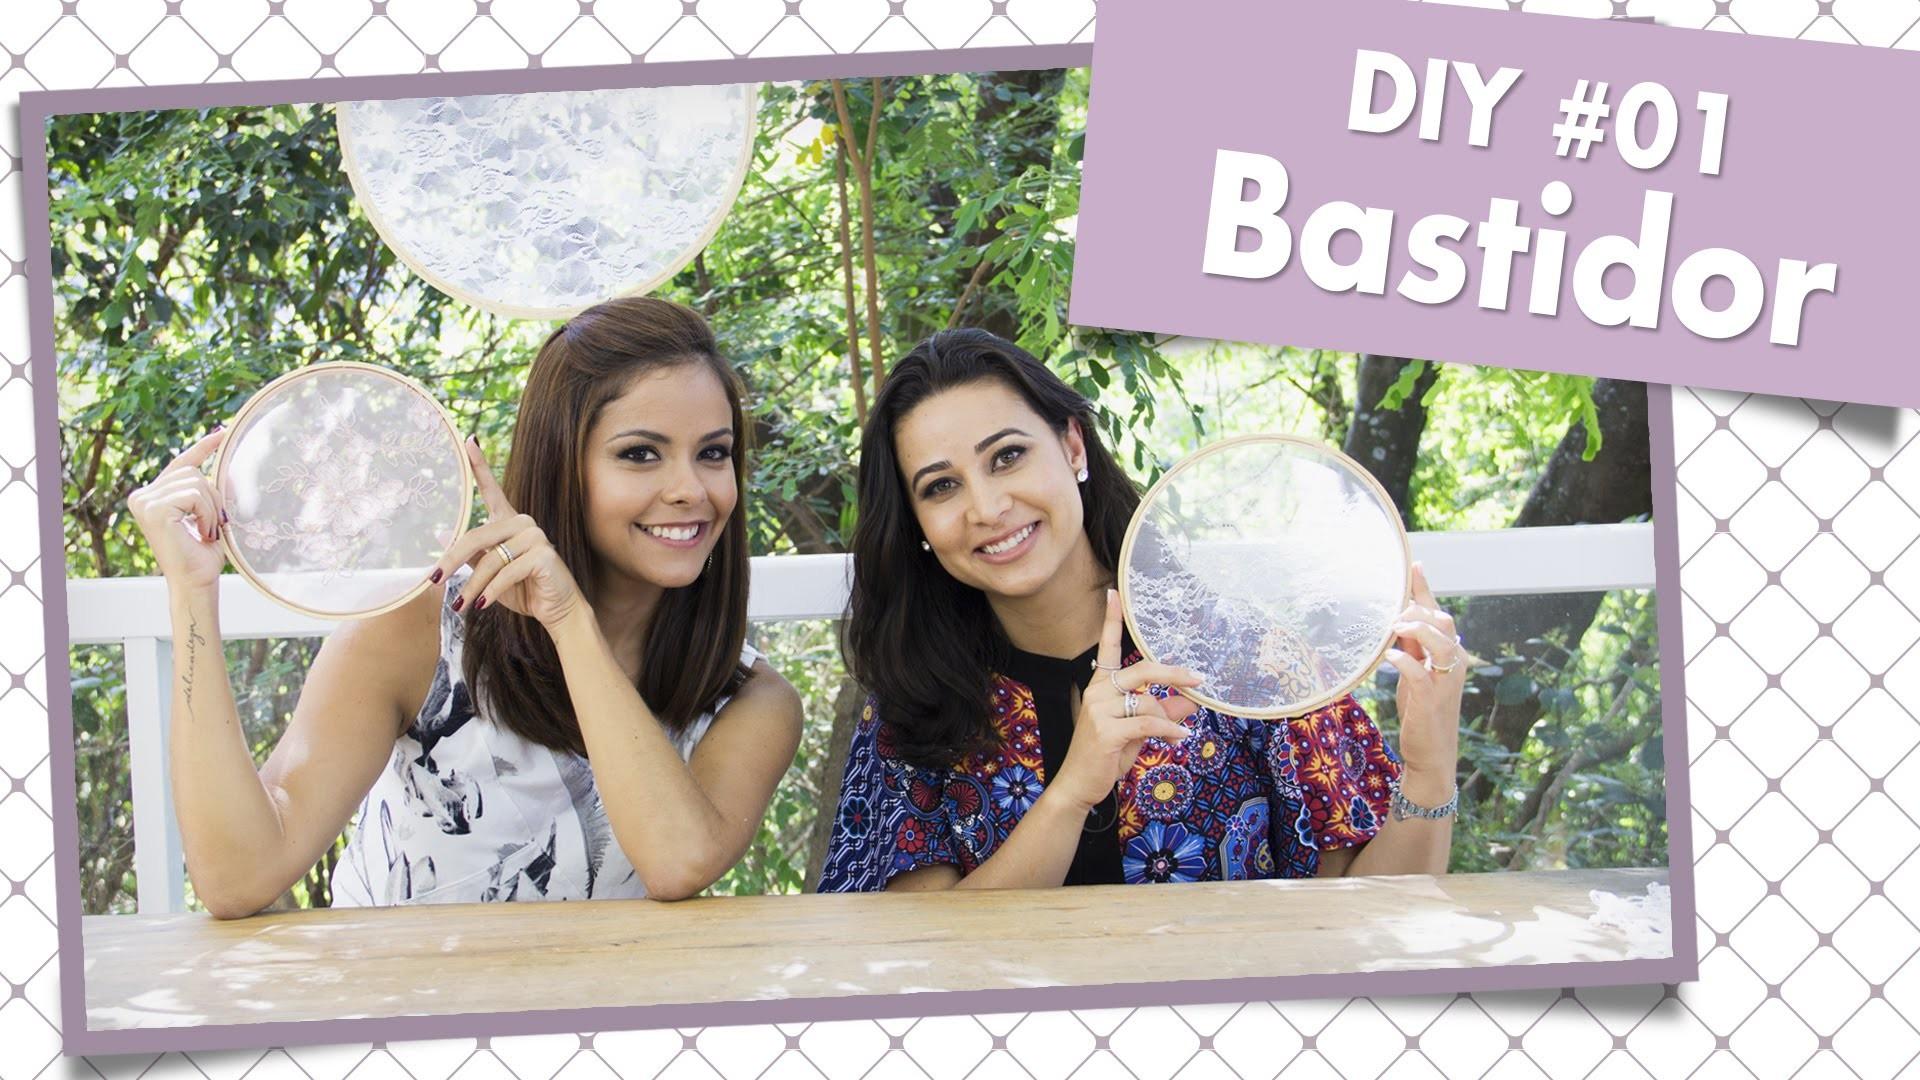 Como decorar um bastidor - DIY #01    Casando com Amor